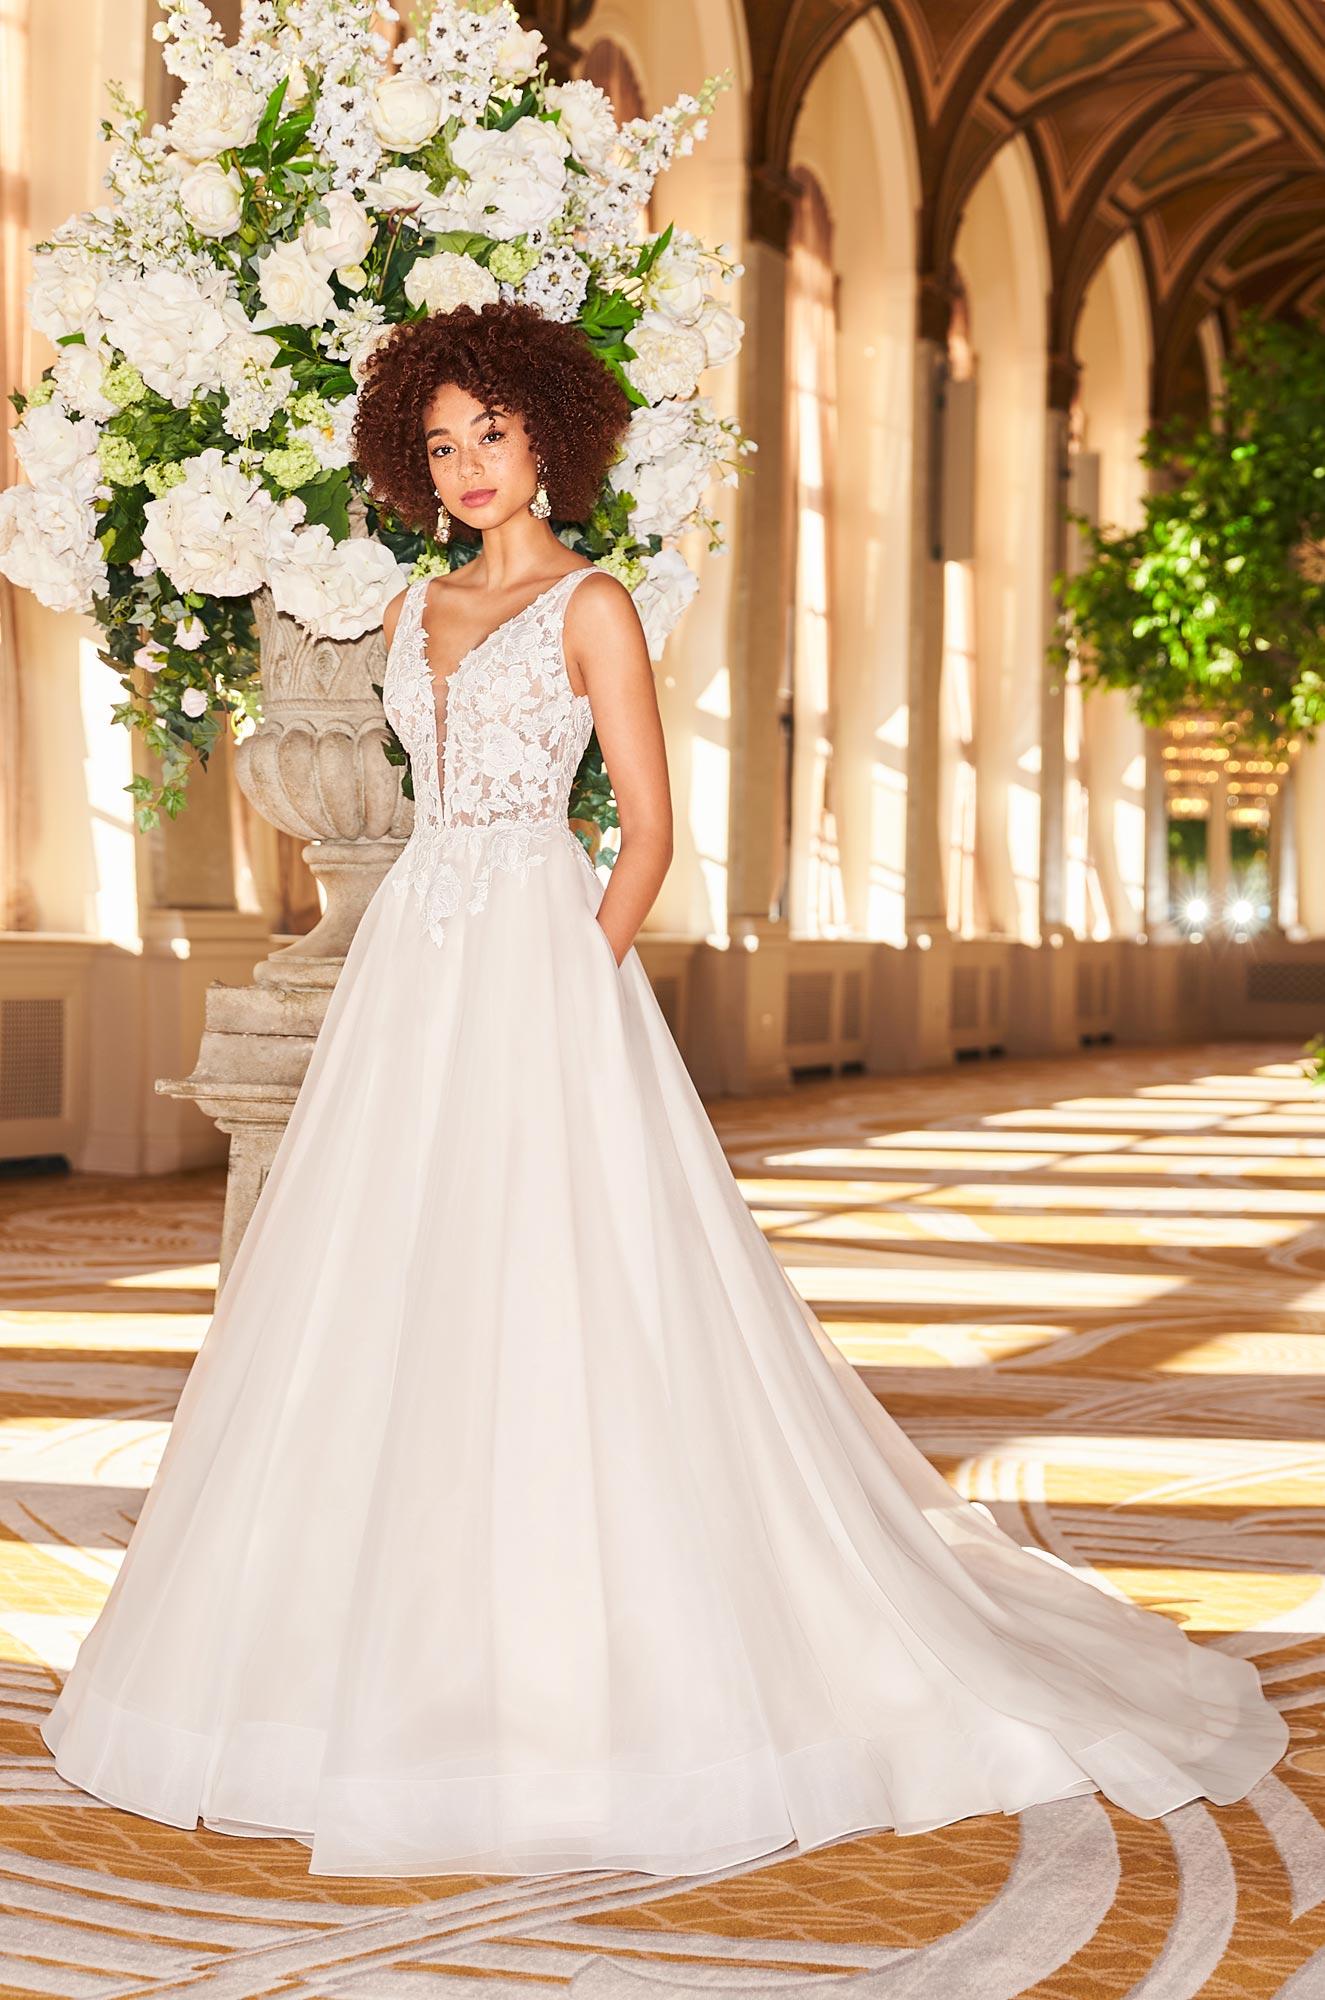 Dreamy Blush Wedding Dress - Style #2356 | Mikaella Bridal